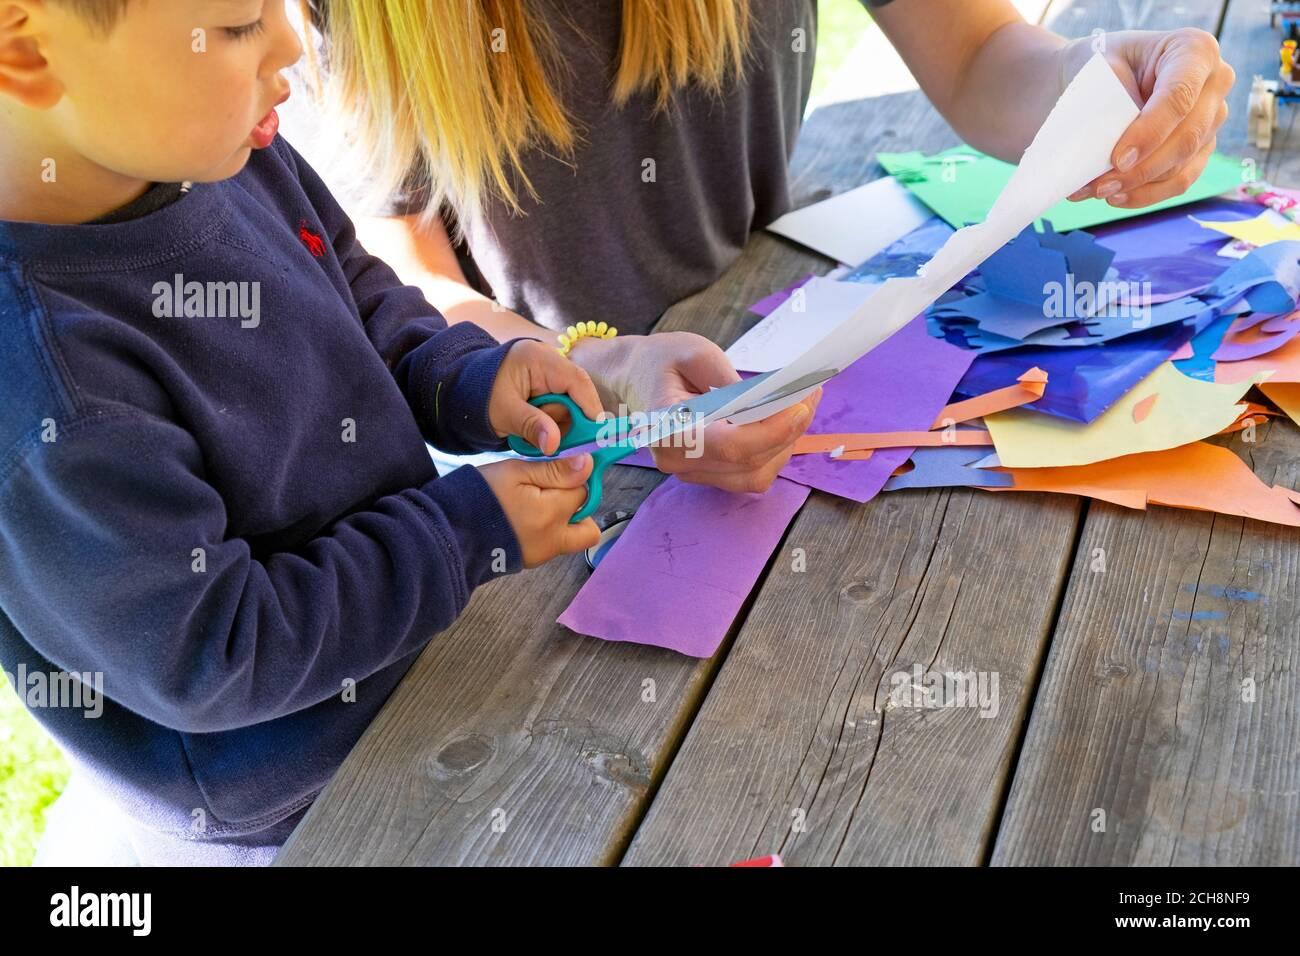 Bambino di 3 anni imparando a tagliare la carta con le forbici seduto fuori su un tavolo con carta d'arte colorata in Carmarthenshire Galles Regno Unito KATHY DEWITT Foto Stock